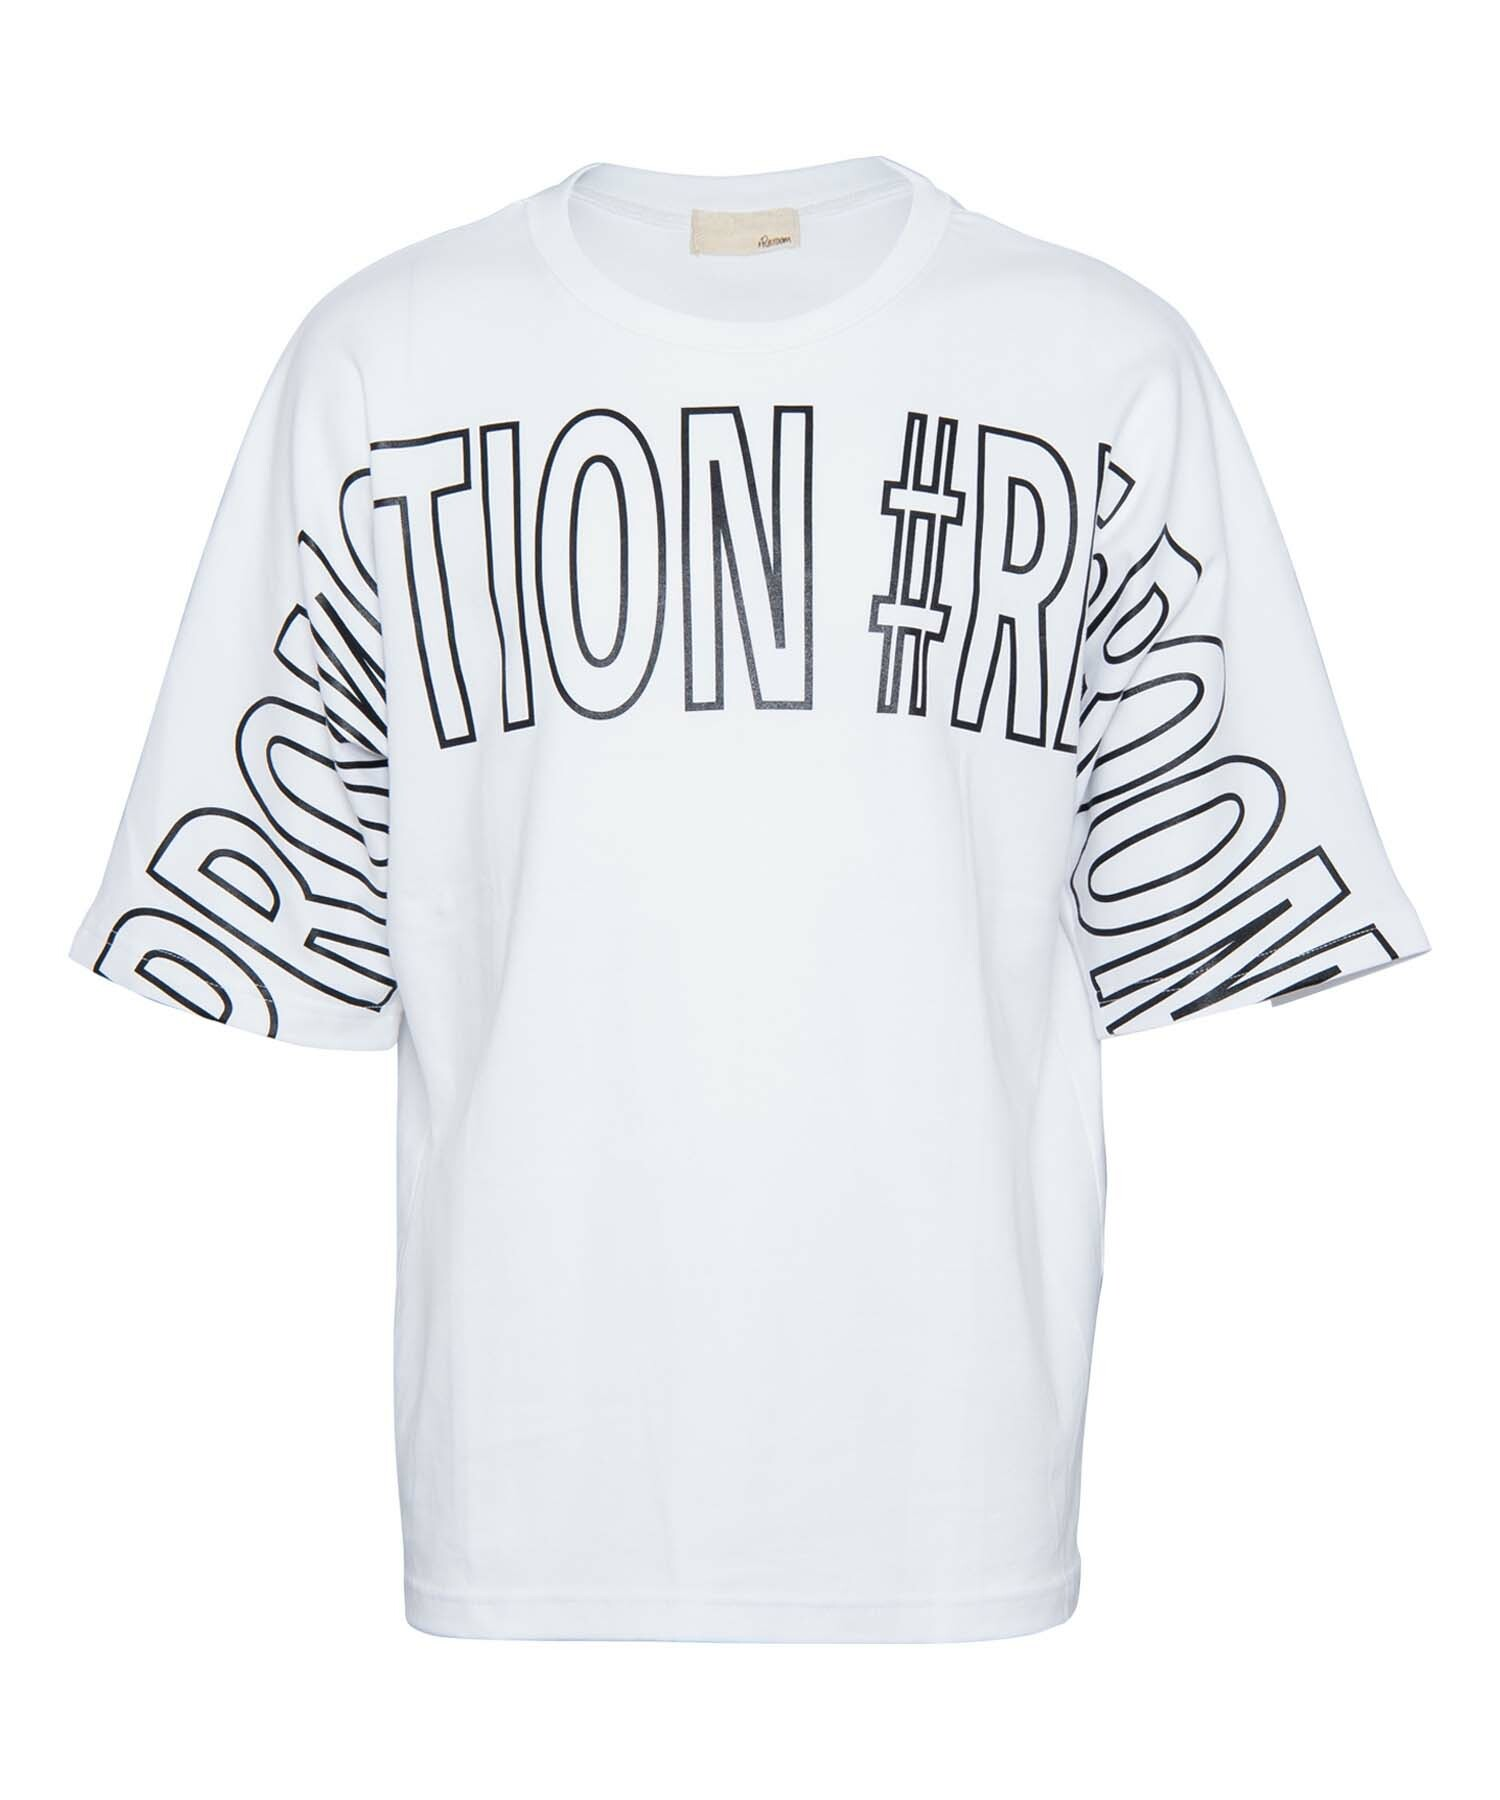 BIG LOGO PRINT NEON LINE BIG T-shirt[REC317]